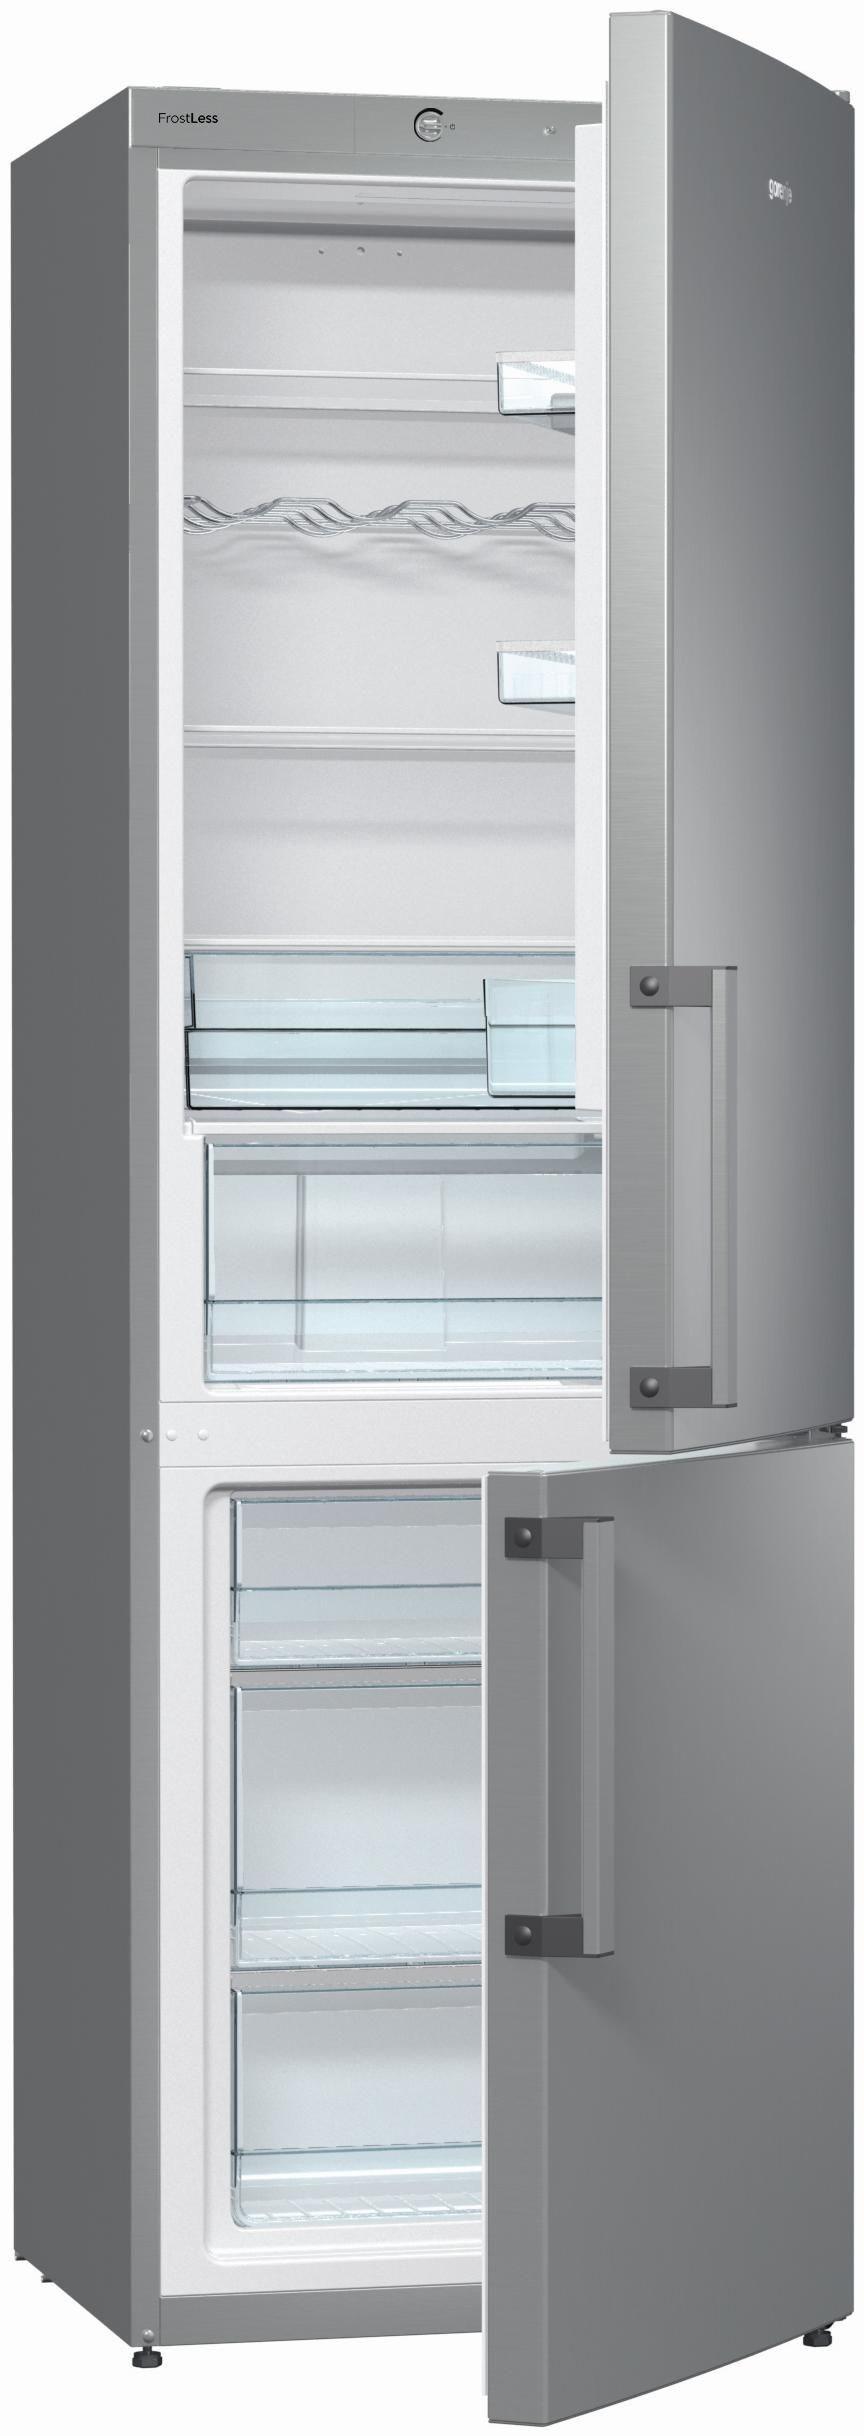 Gorenje RK 6192 EX Kühlgefrierkombinationen, Höhe 185 cm, A++, Inox (EEK: A++) - Preisvergleich